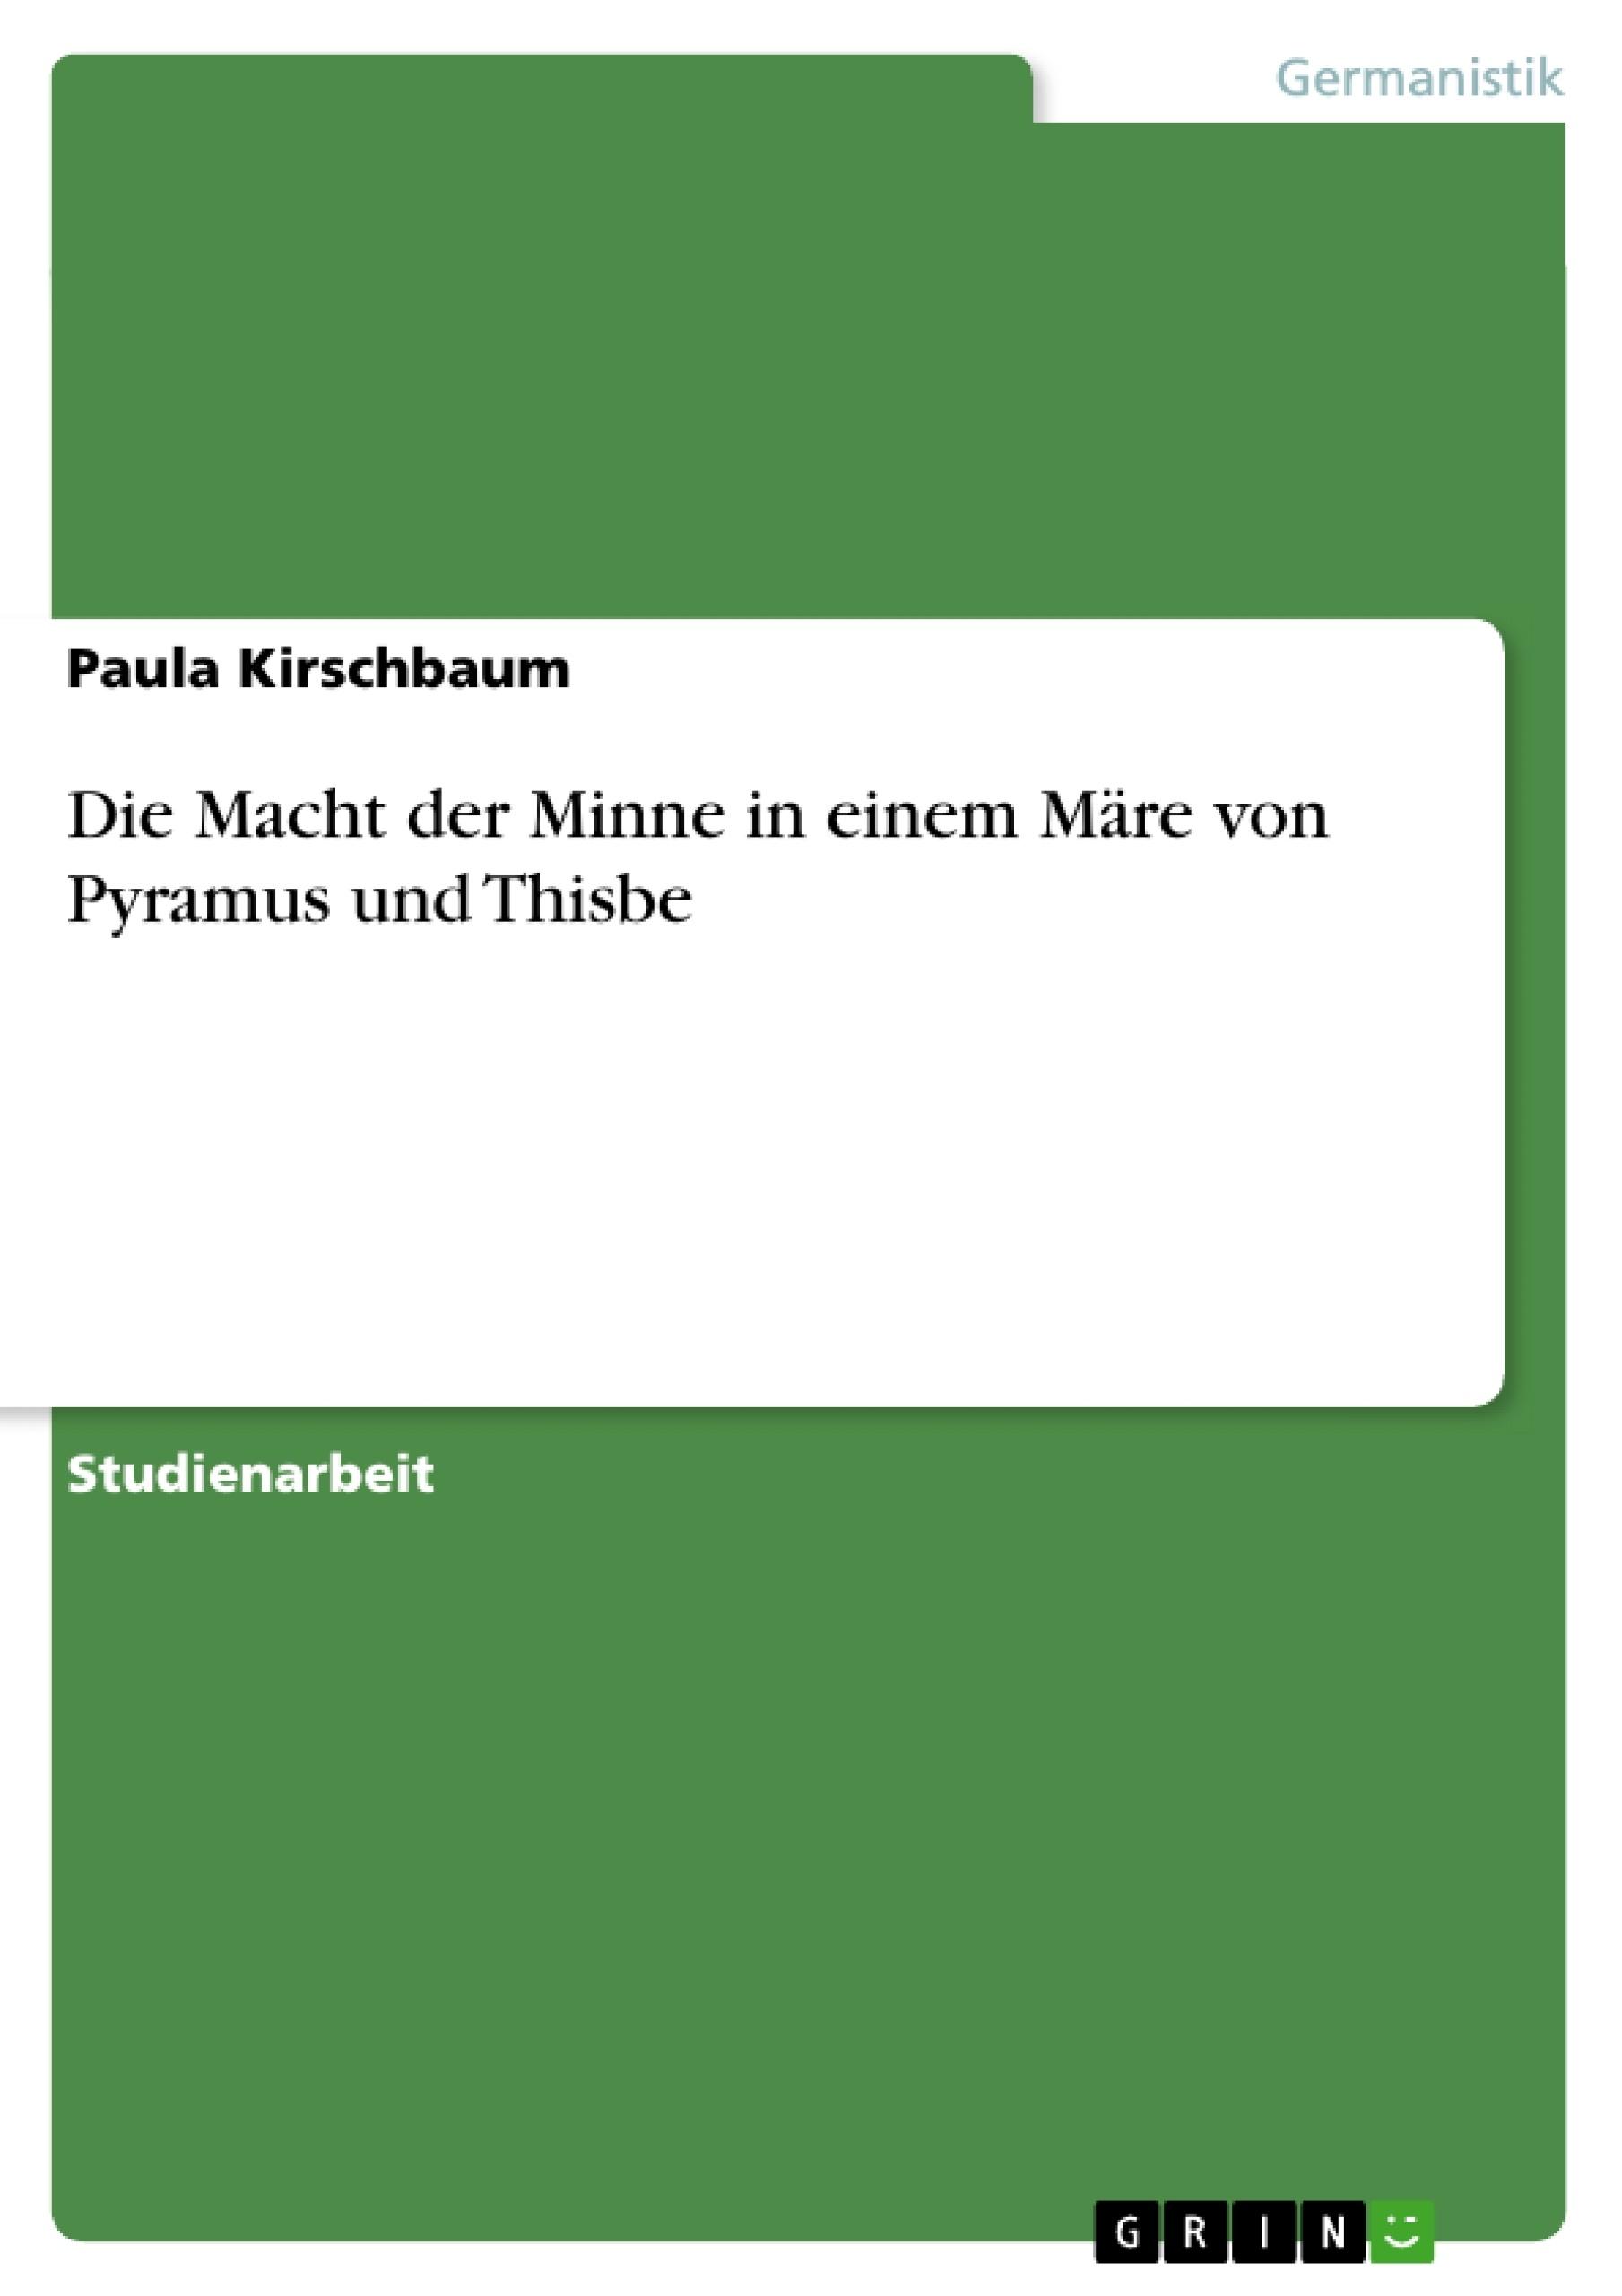 Titel: Die Macht der Minne in einem Märe von Pyramus und Thisbe